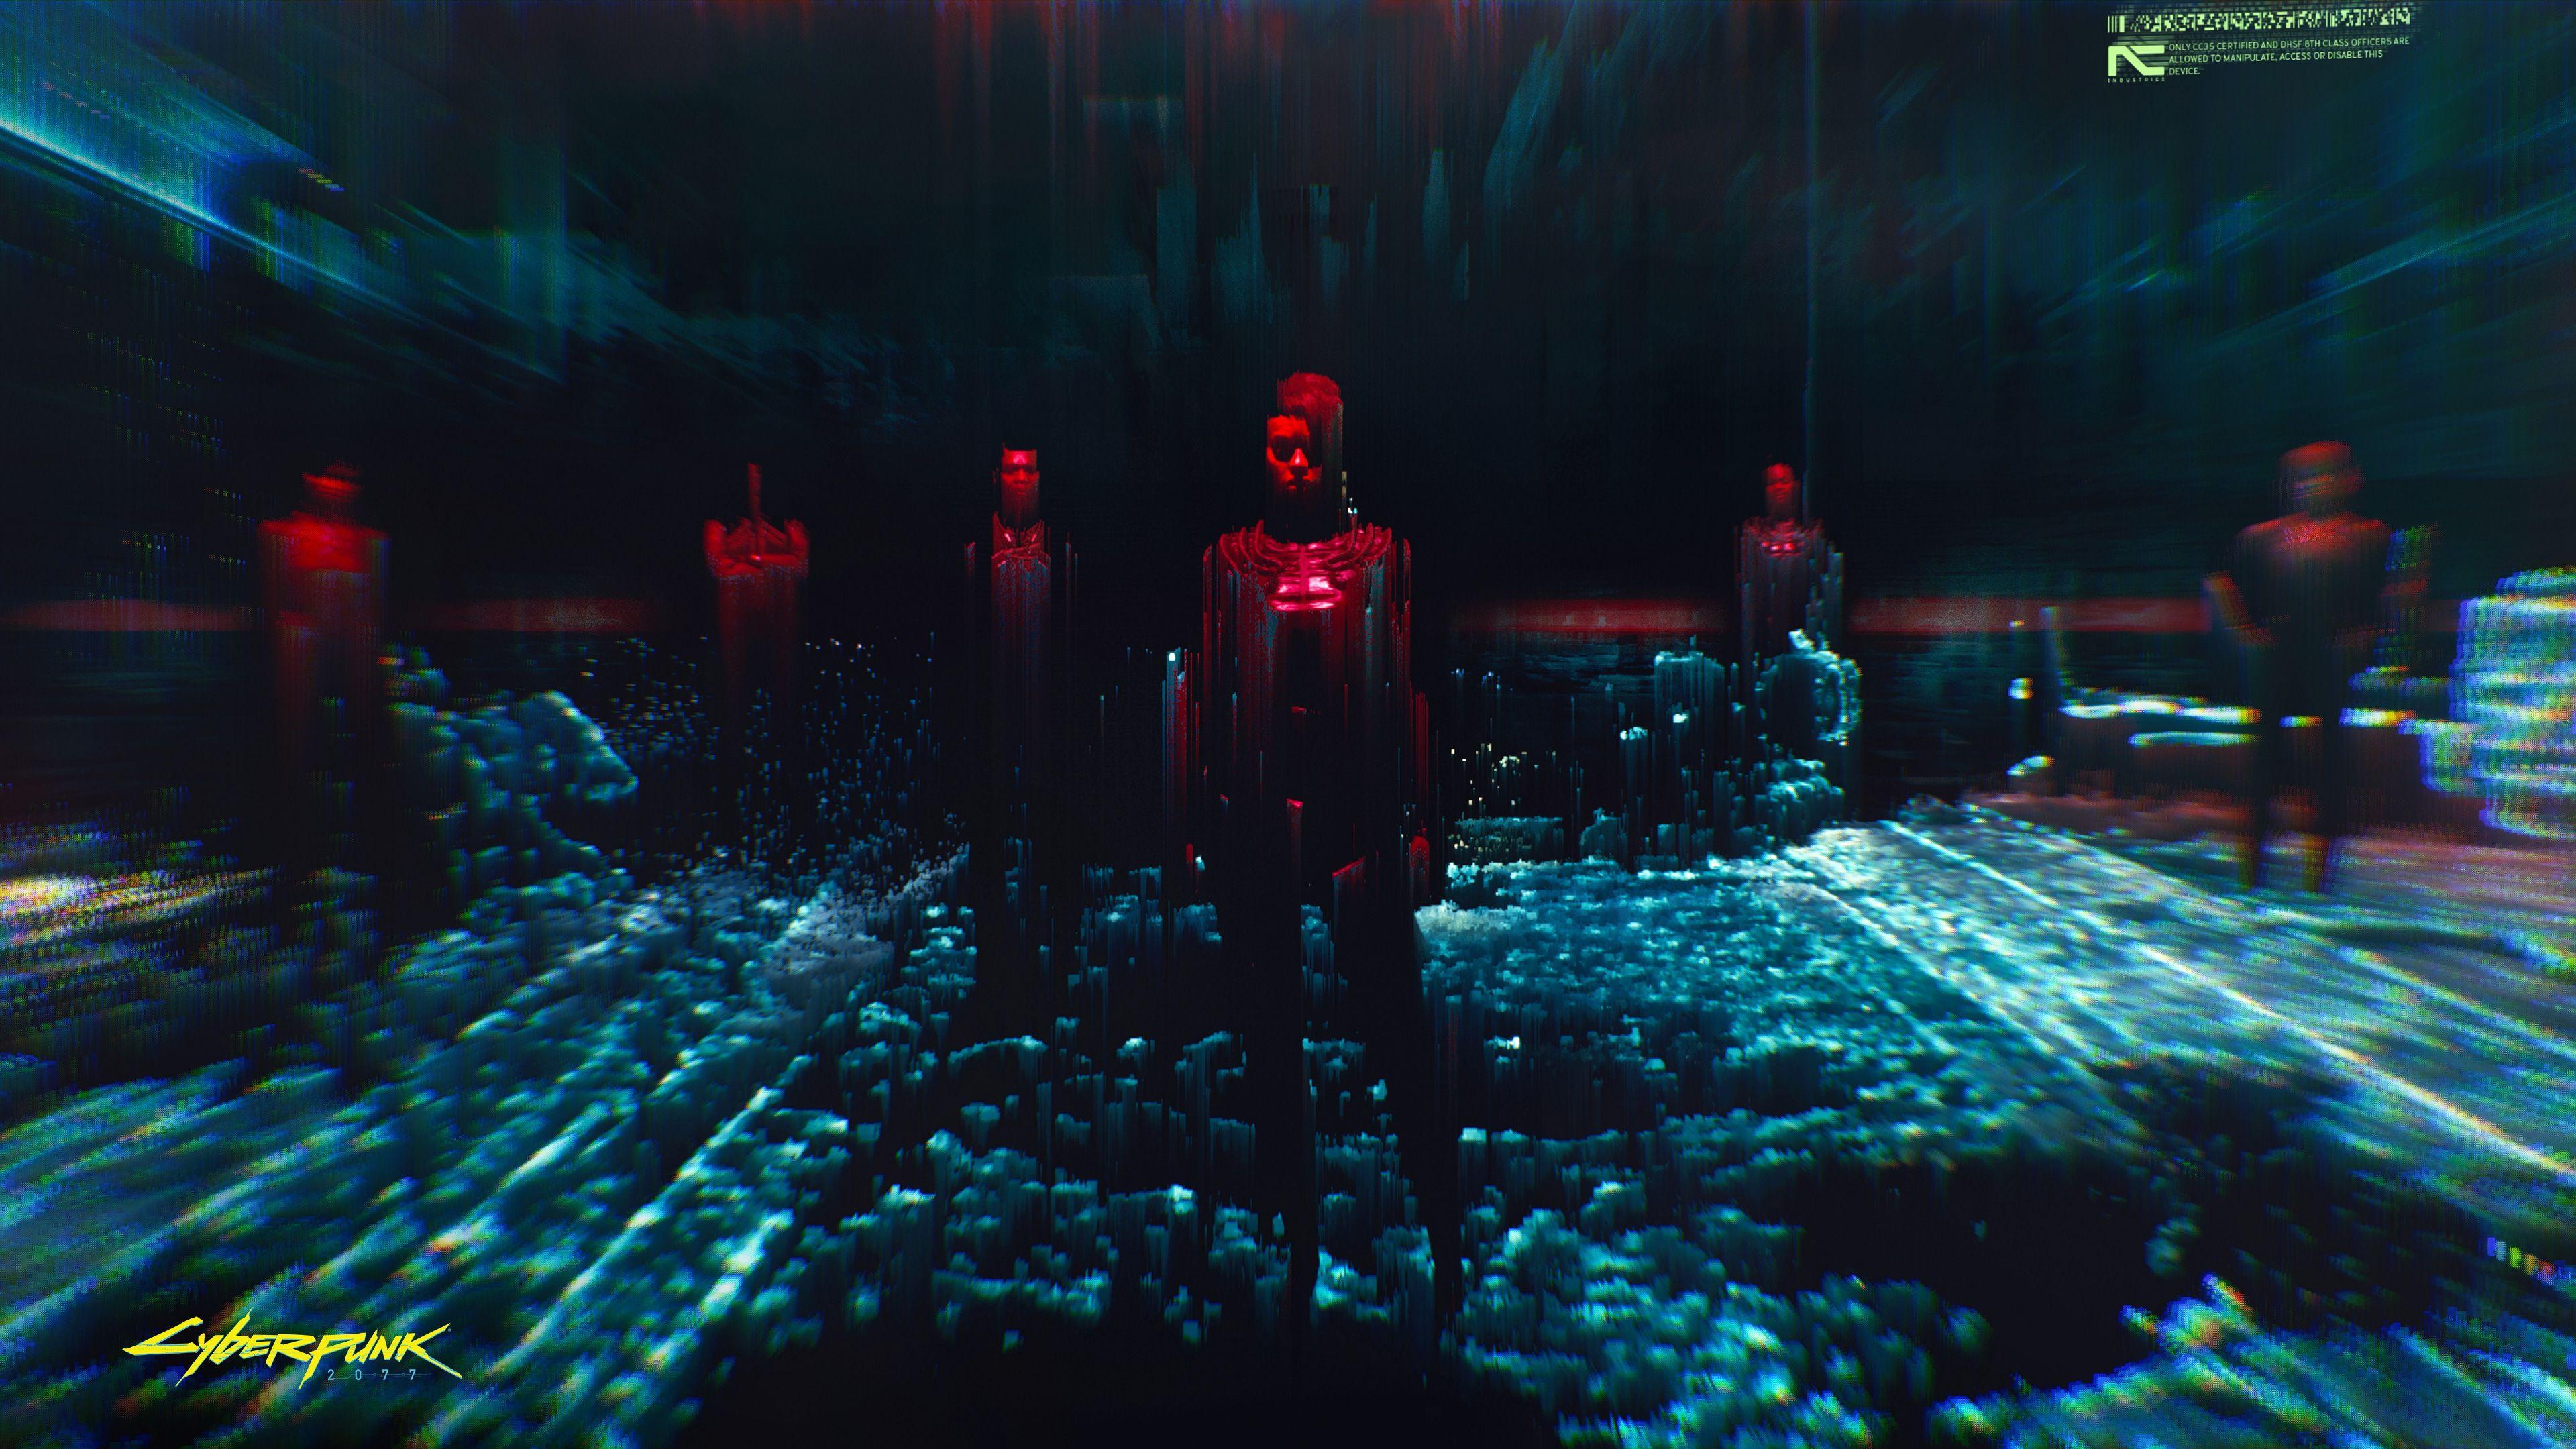 Cyberpunk 2077 4k Wallpapers Top Free Cyberpunk 2077 4k Backgrounds Wallpaperaccess